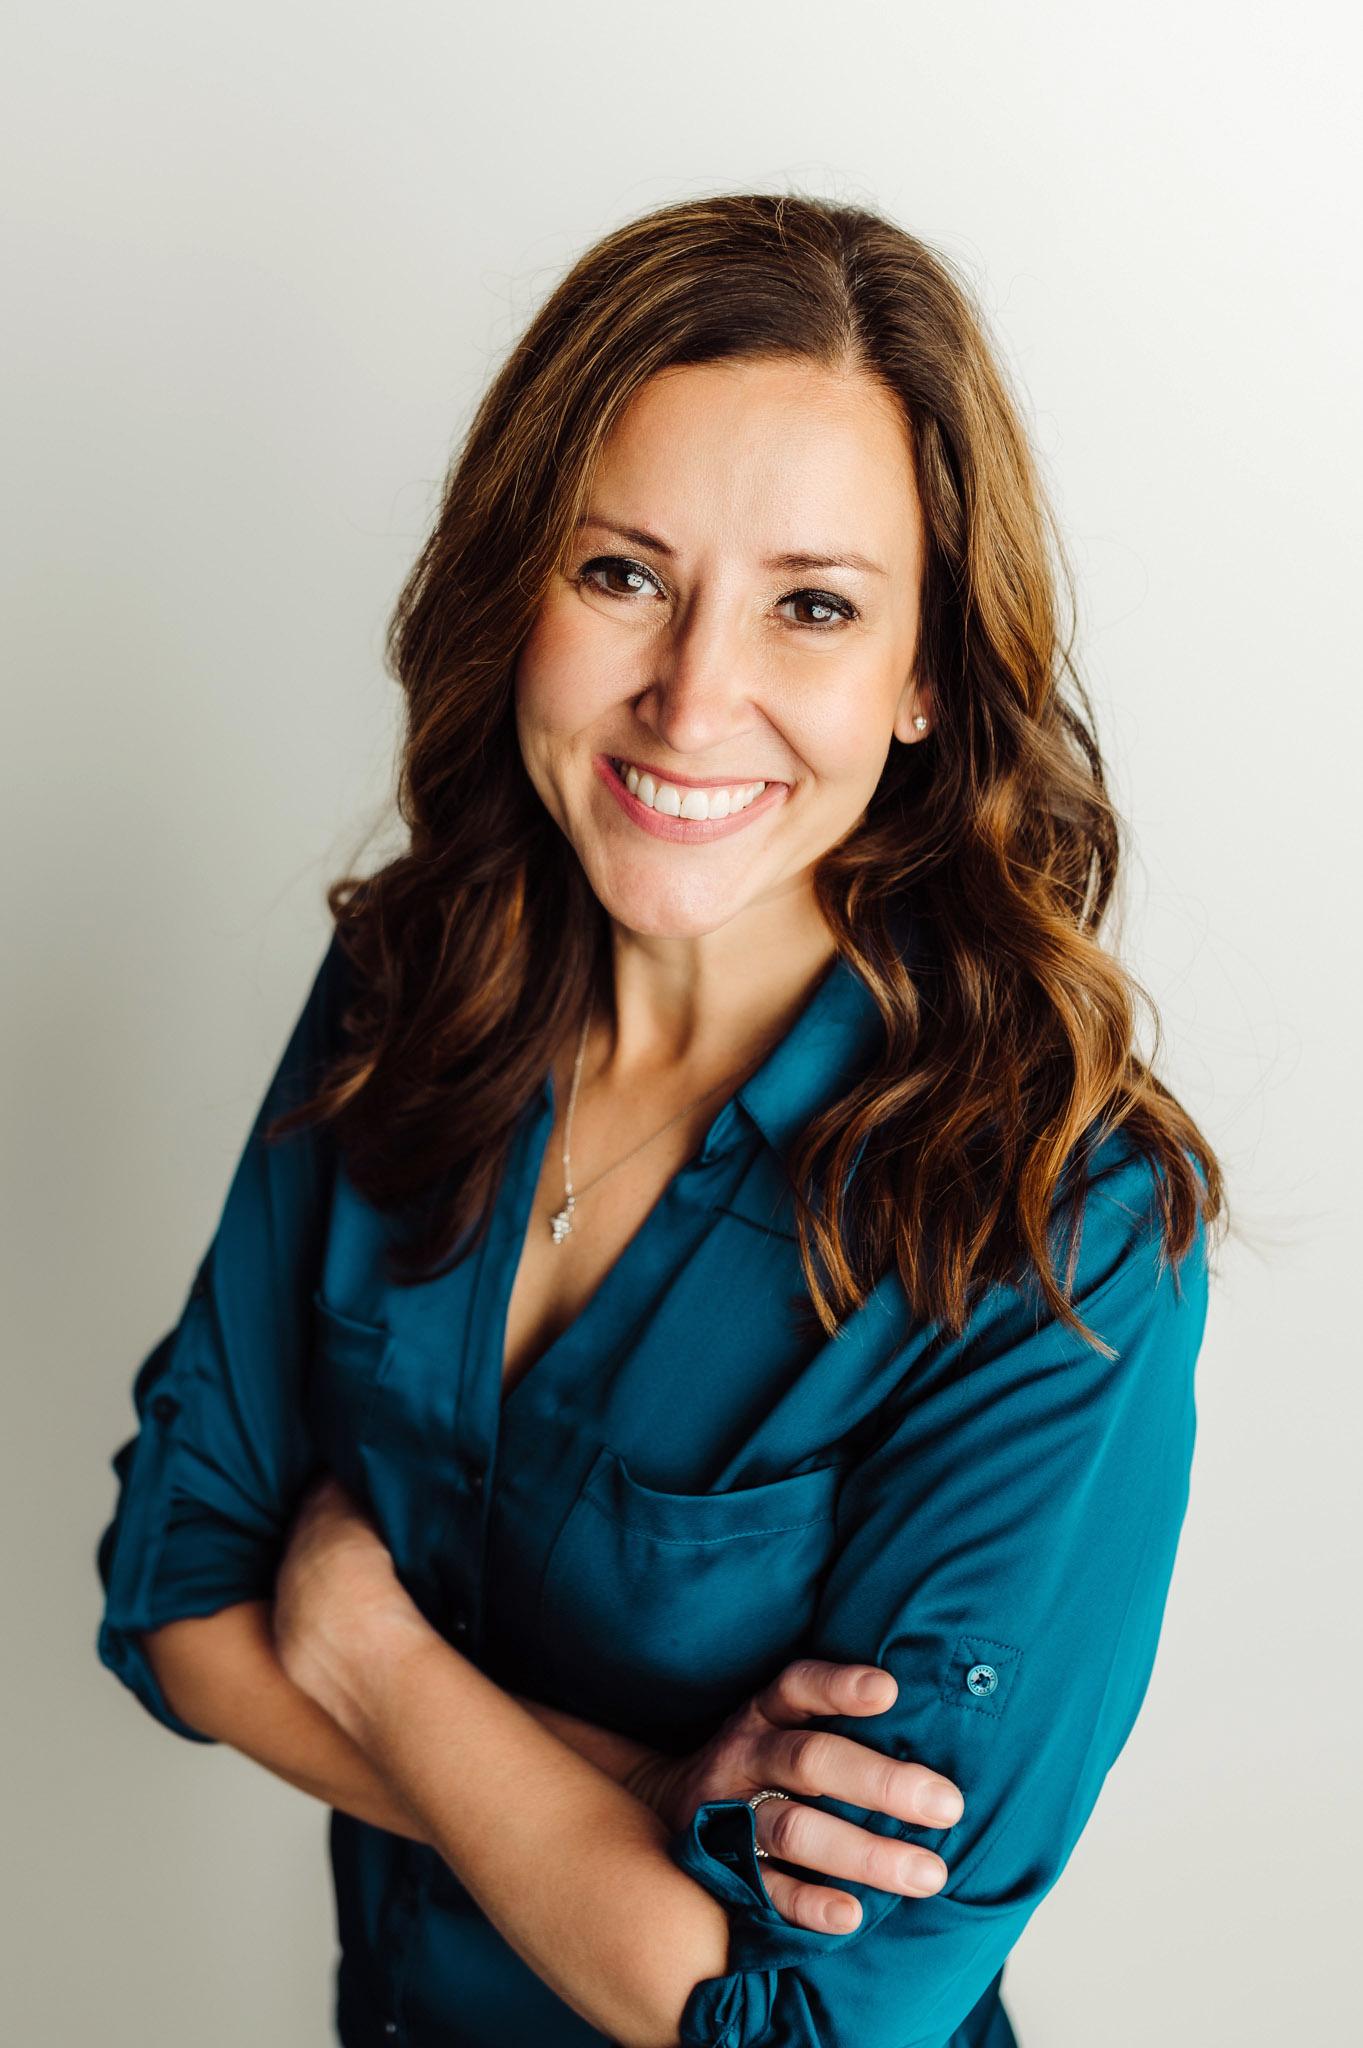 Dr. Heather Skari